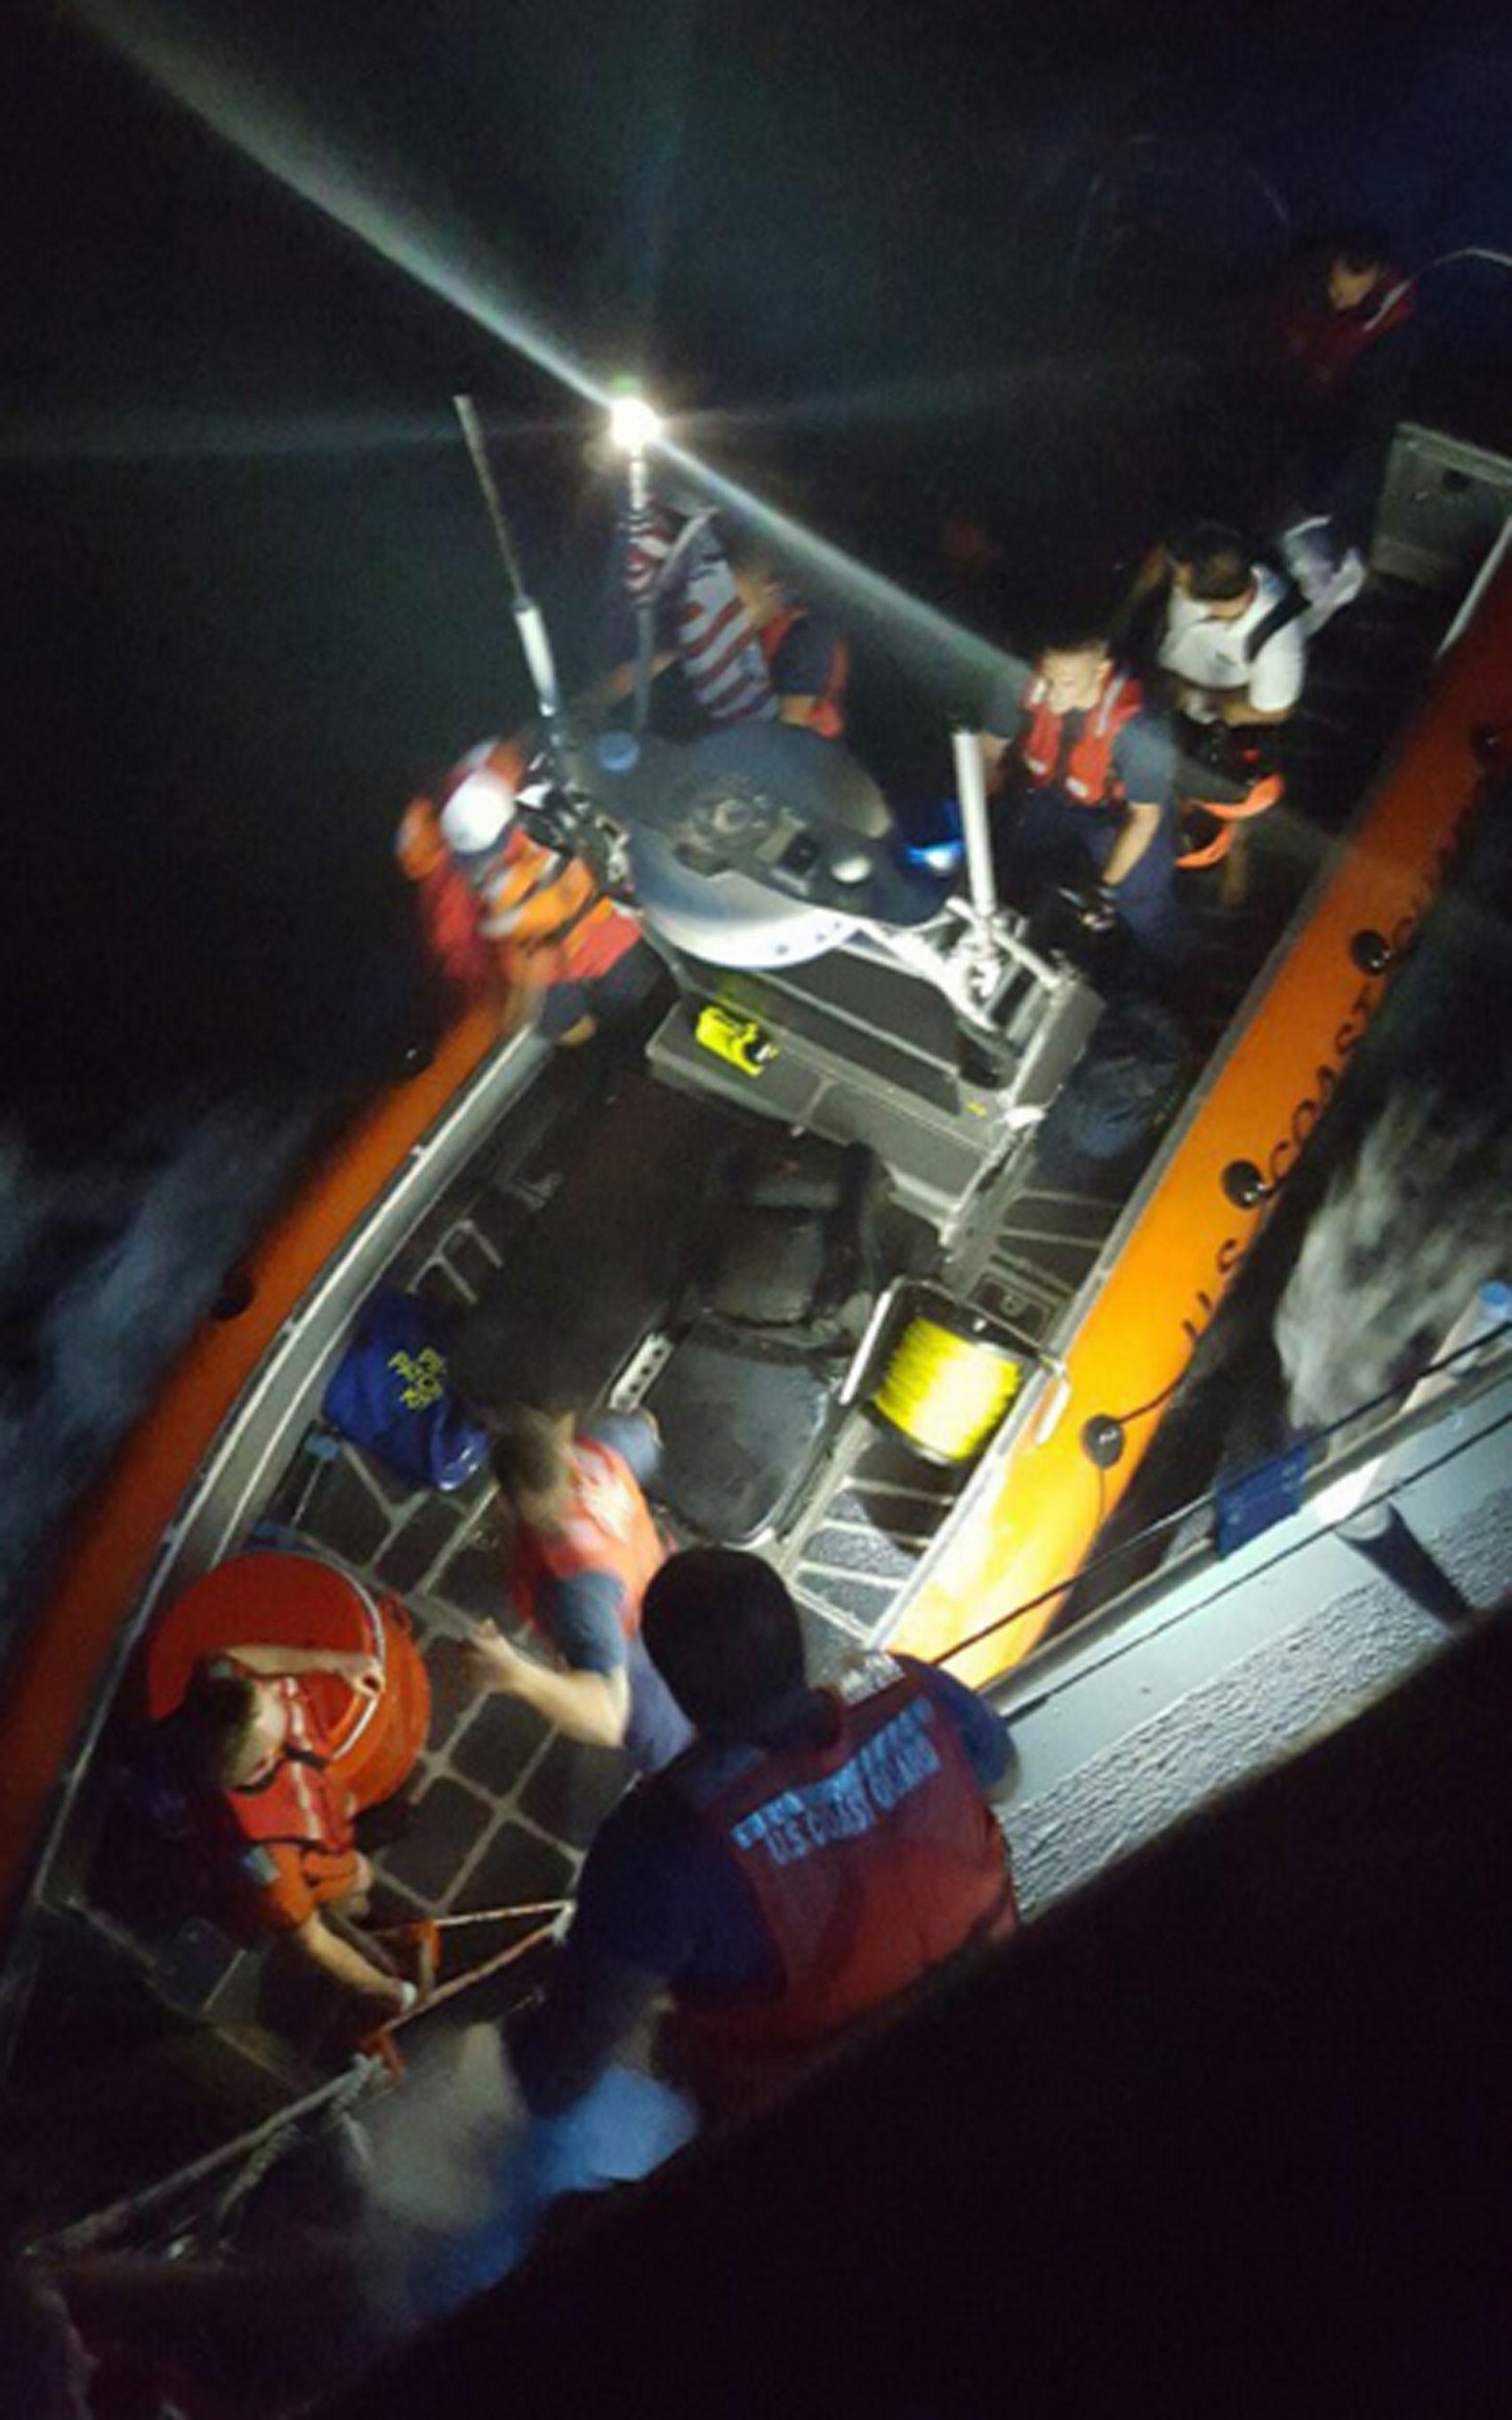 Imagem do resgate divulgada pela Guarda Costeira americana (Foto: Reprodução/Twitter/USCGSoutheast)